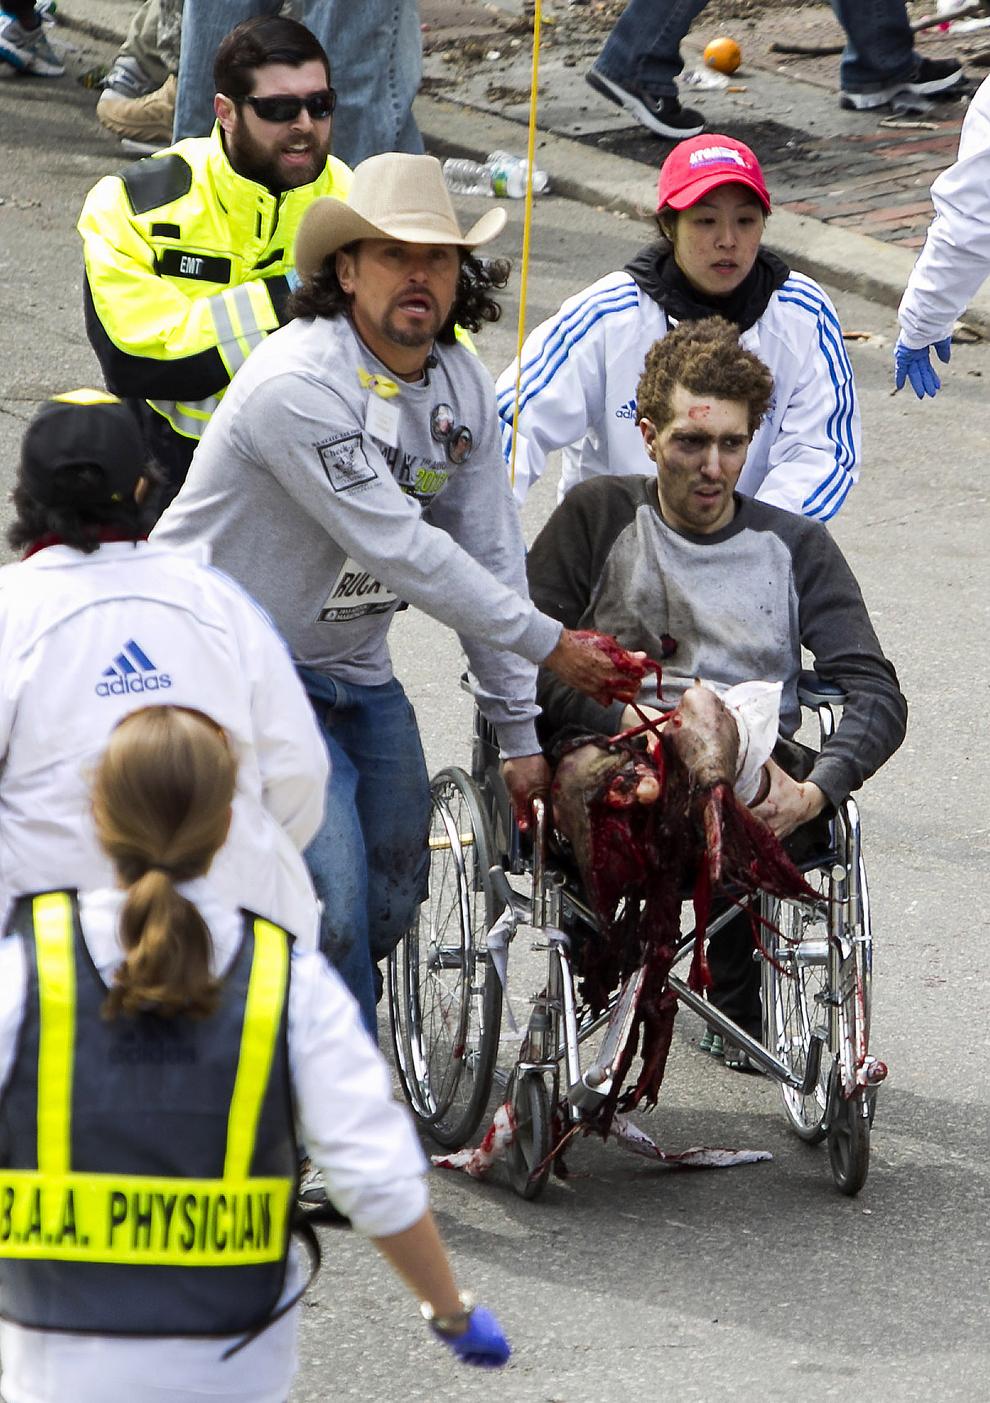 Echipaje de prim ajutor îngrijesc un bărbat rănit, după ce două explozii au avut loc aproape de linia de sosire a celui de-al 117-lea Maraton Boston, luni, 15 aprilie 2013.